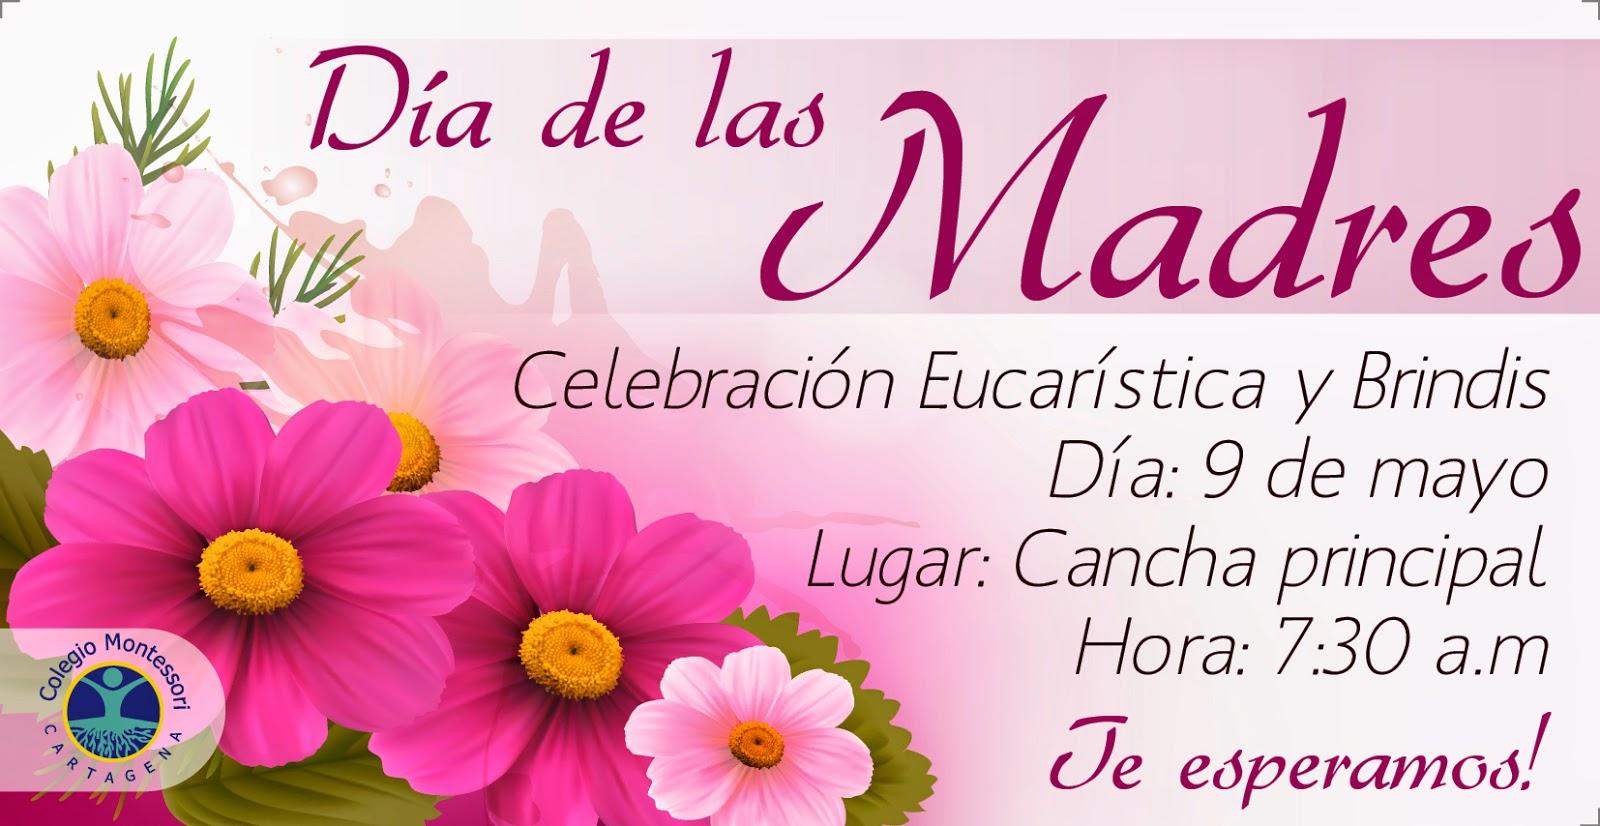 Invitacion DÍa De Las Madres RegiÓn: AGENDA 5HI: INVITACION DIA DE LAS MADRES